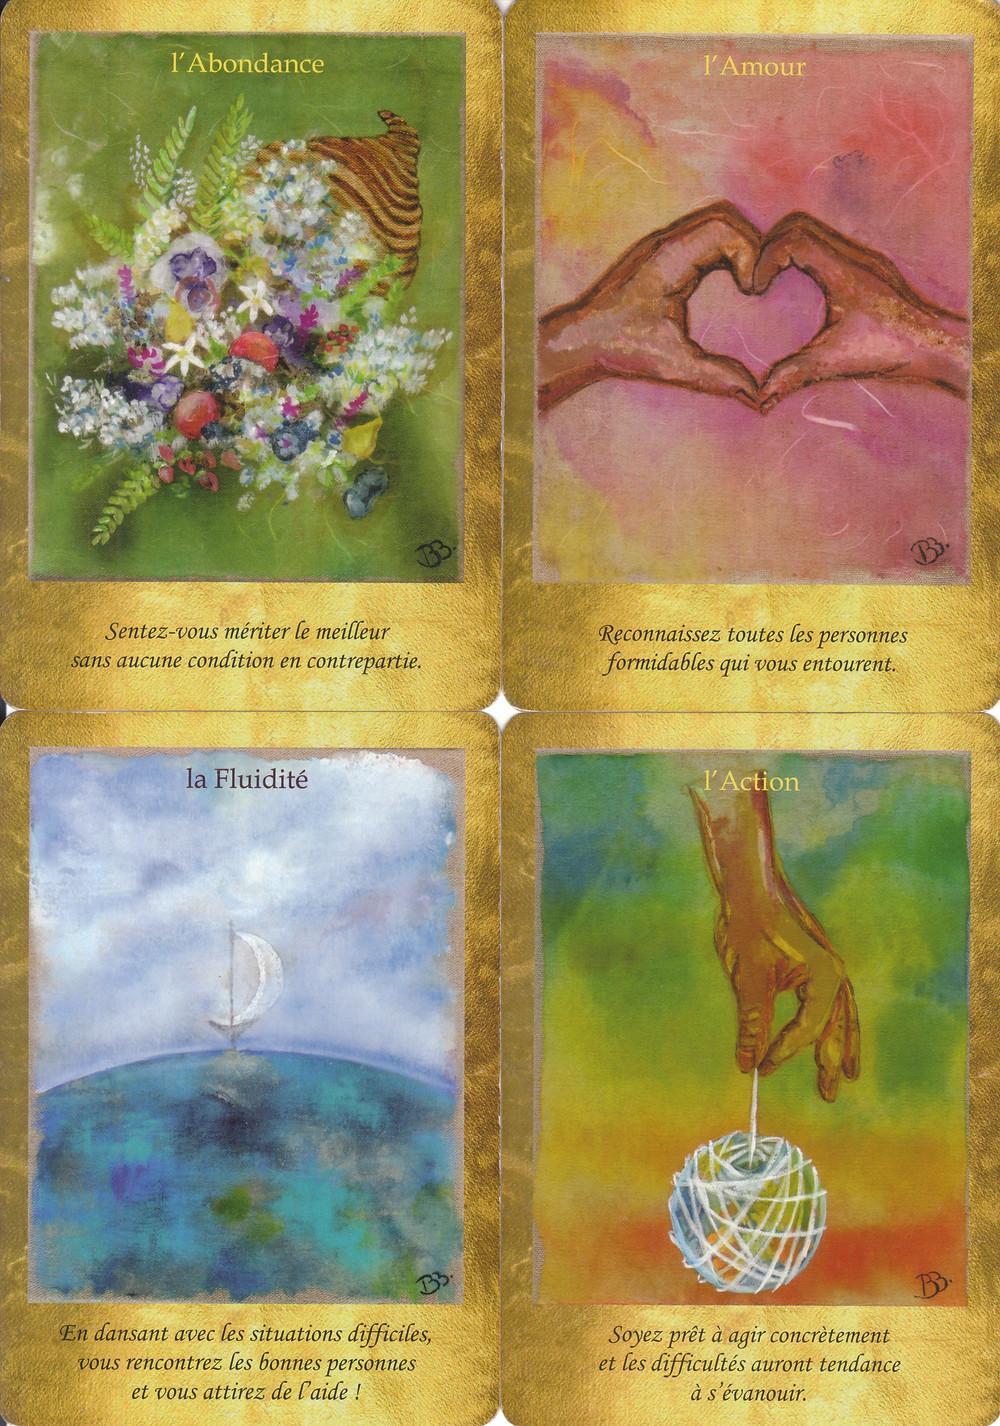 Cartes tirées du Jeu Les Portes de l'Intuition de Vanessa Mielczareck et Brigitte Barberane : L'Abondance, l'Amour, la Fluidité, l'Action